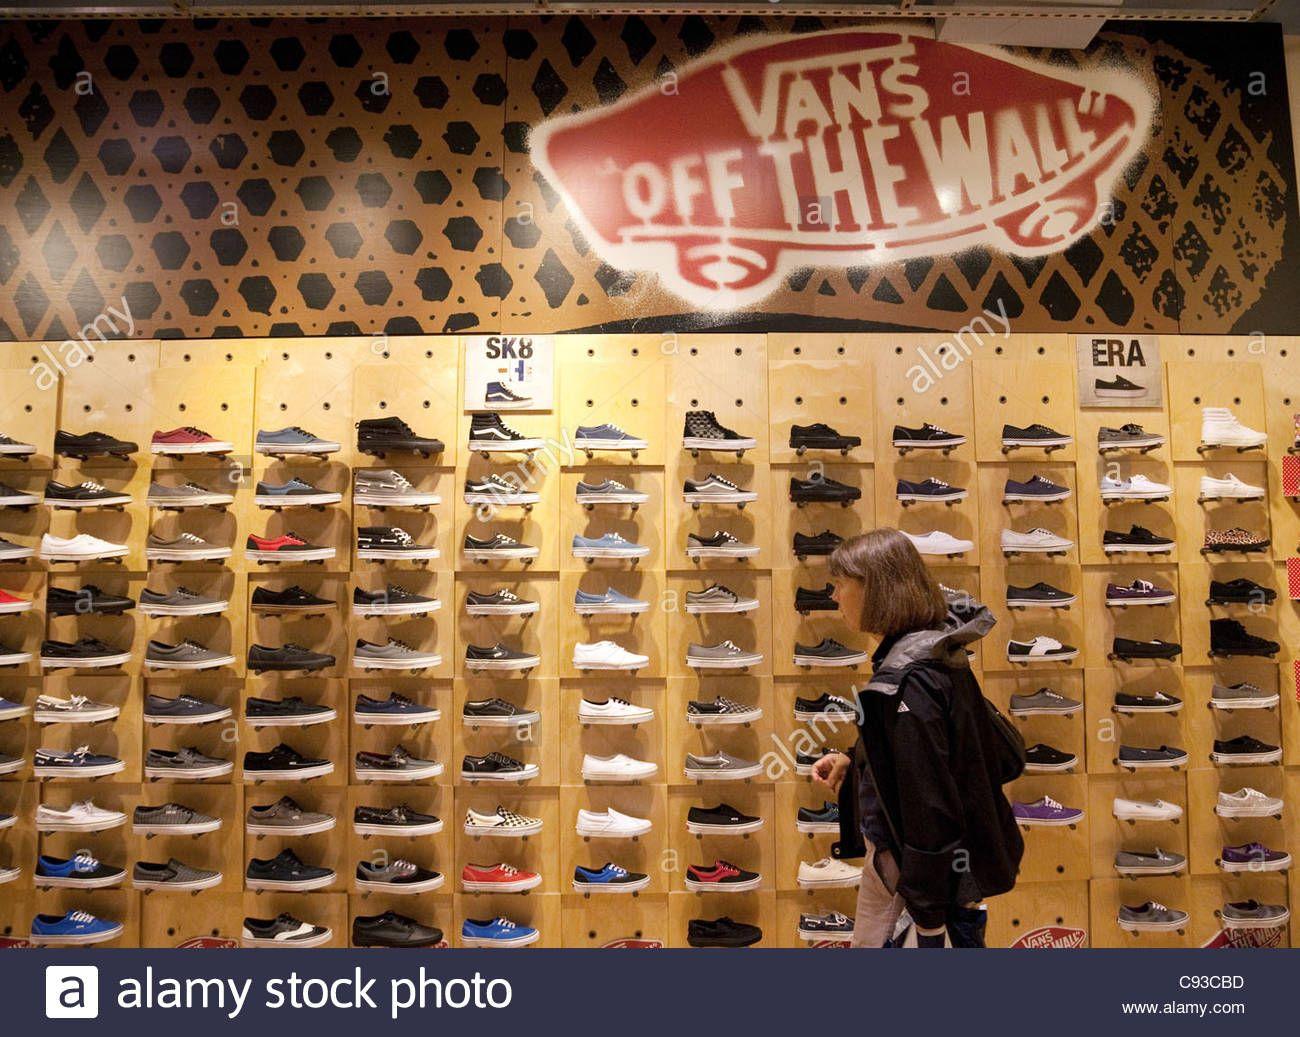 woman buying Vans shoes in a Vans Shoe